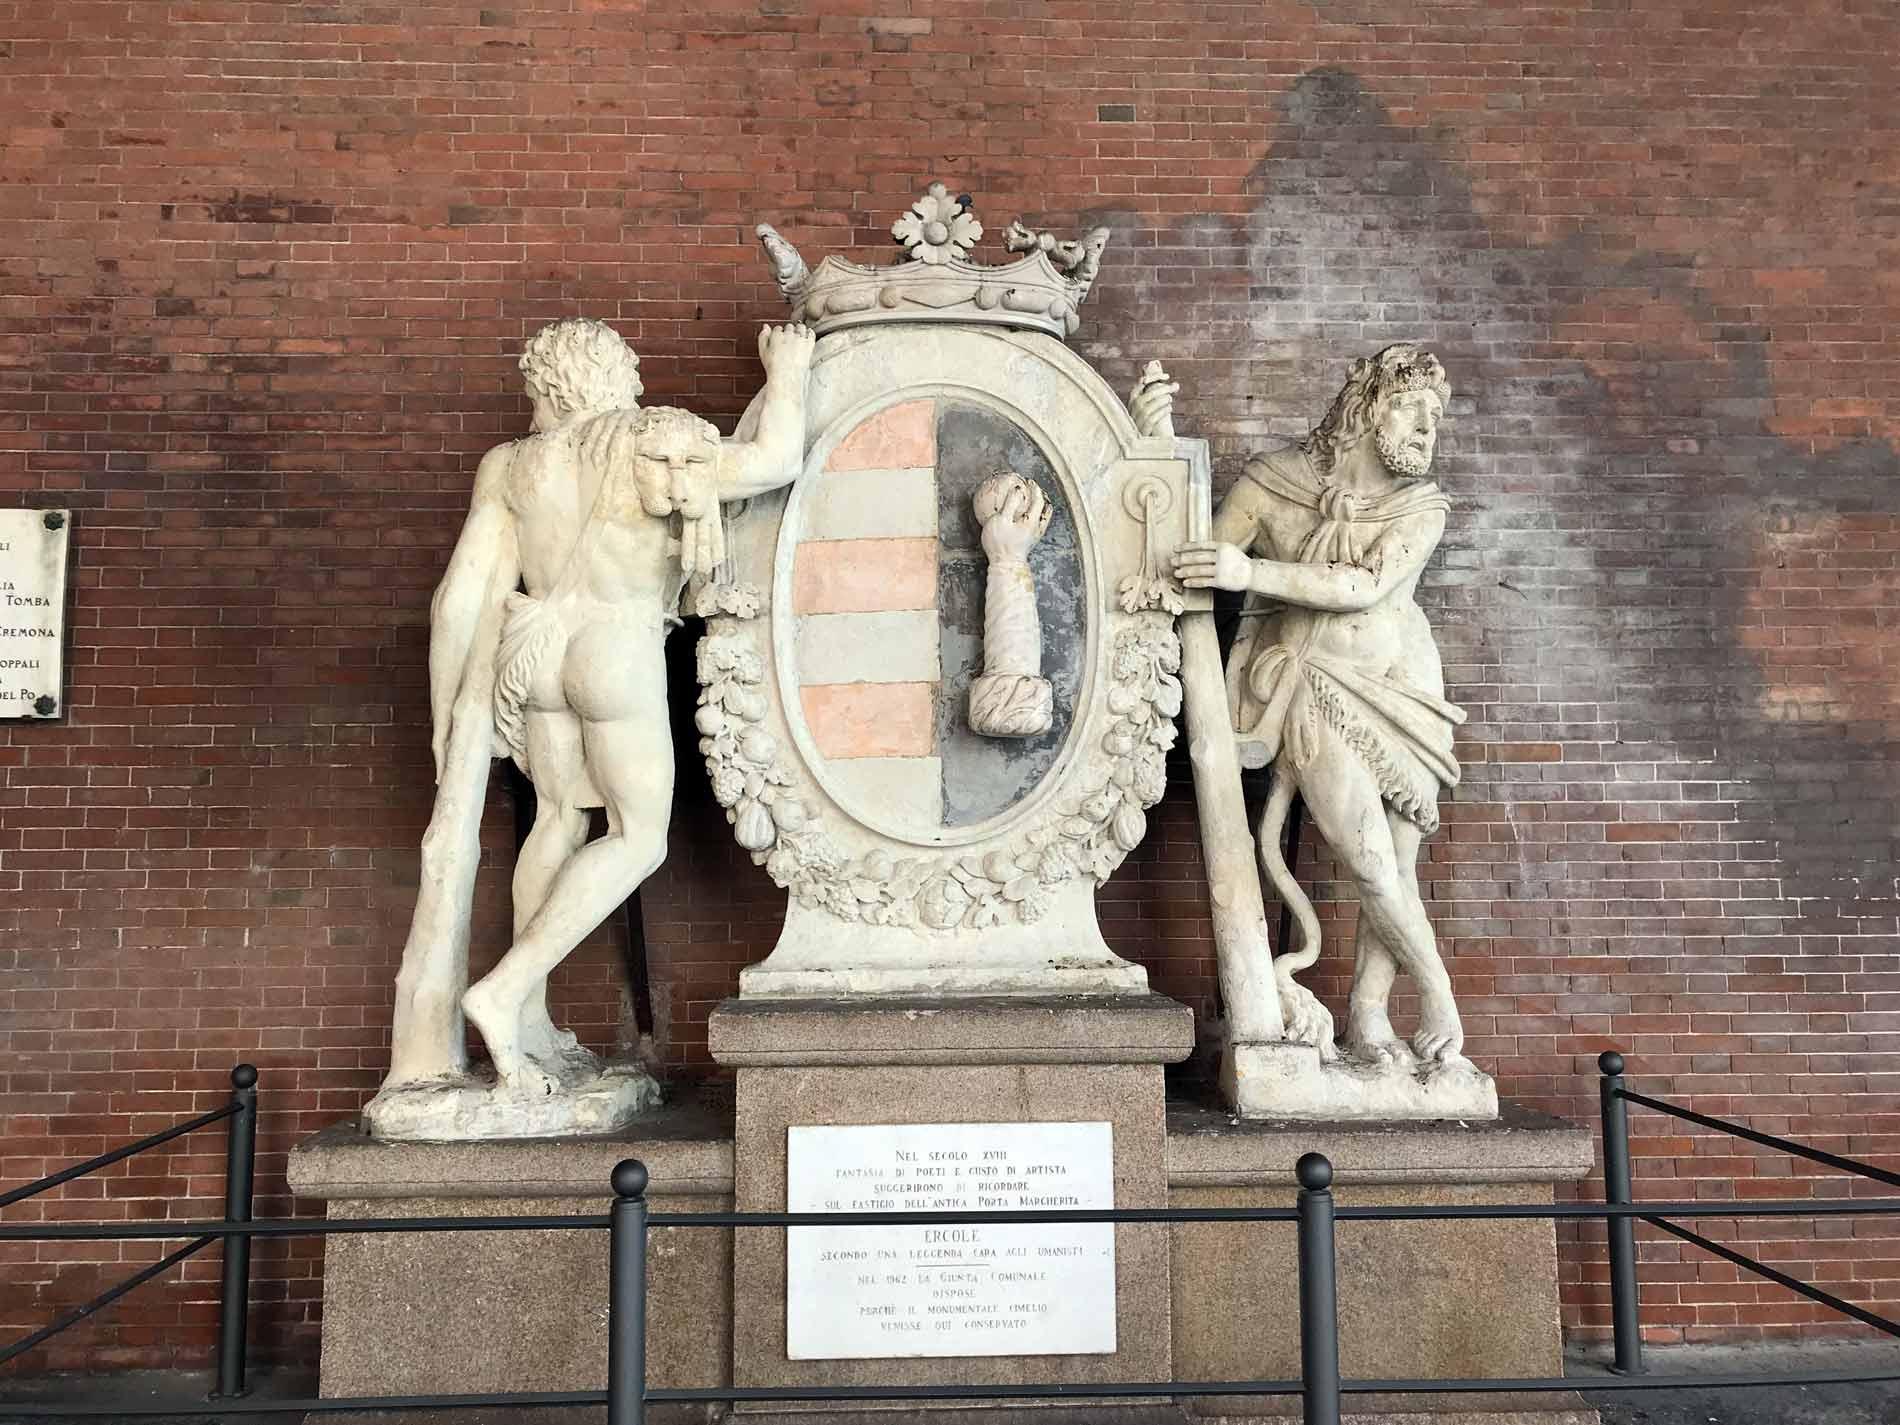 Piazza-del-Comune-Cremona-loggia-dei-limiti-stemma-Cremona-scultura